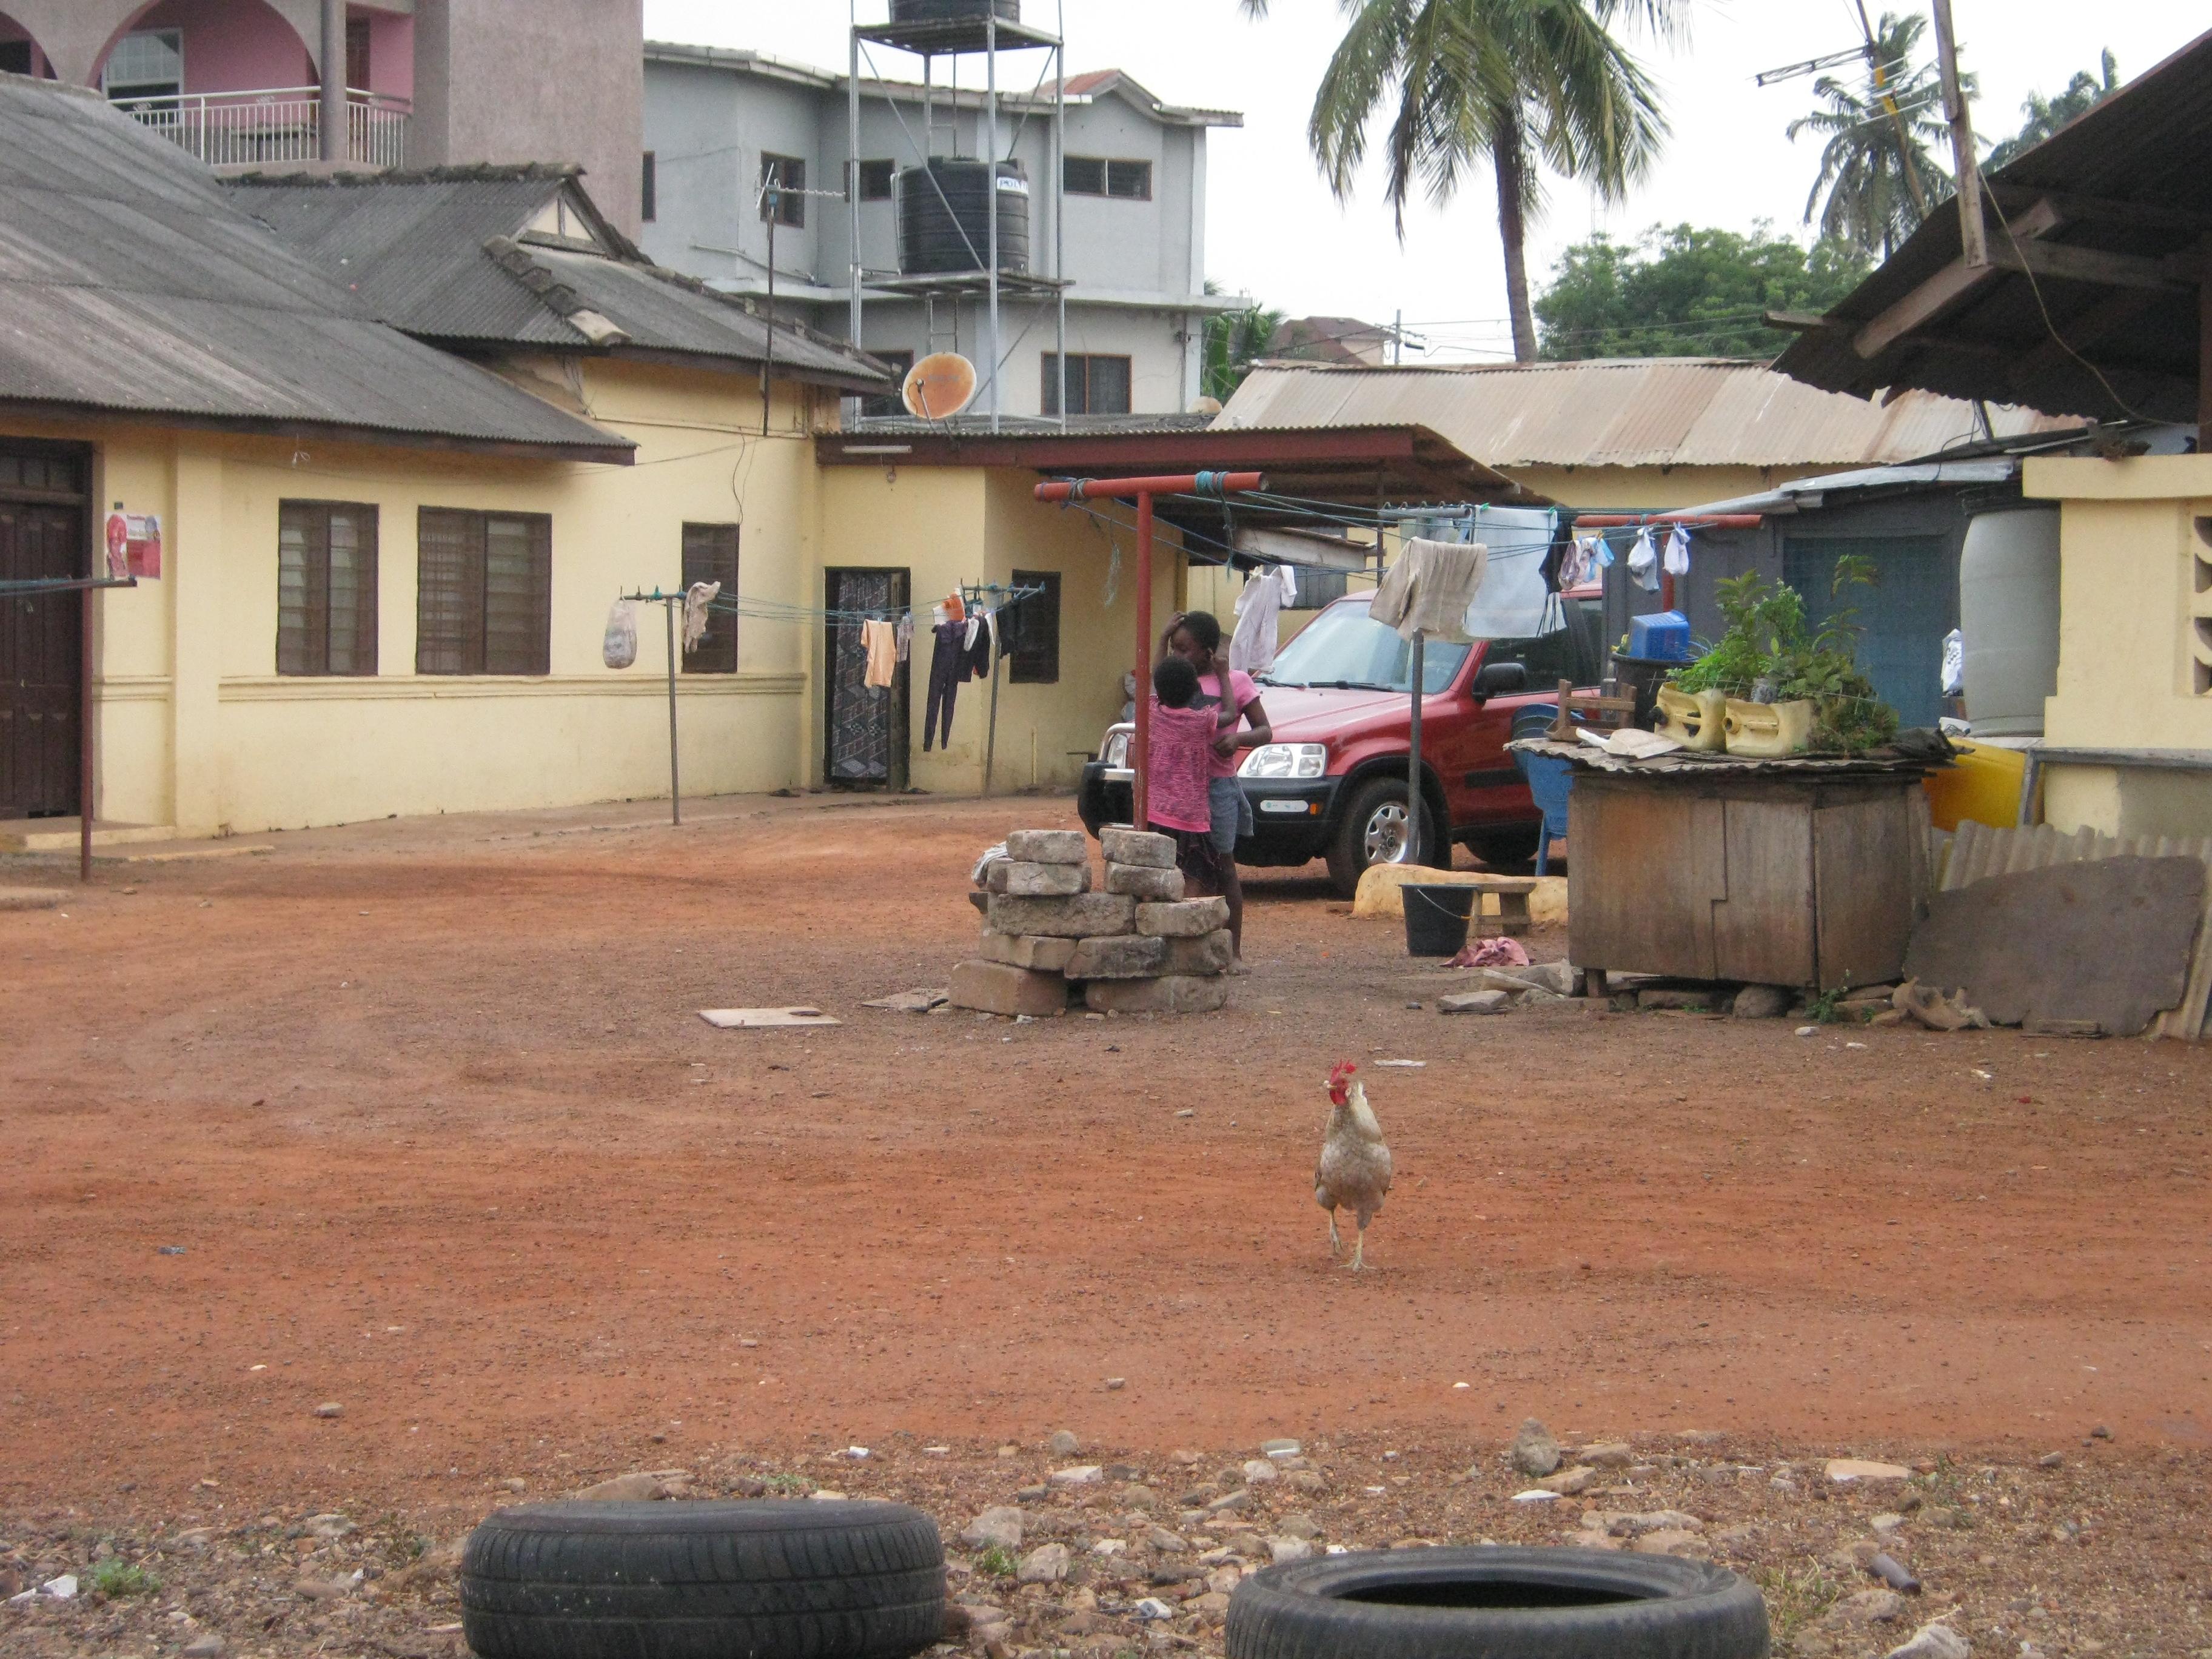 מרקם עירוני חי. מסע במרחב העירוני של גאנה (צילום: מורן פרארו)